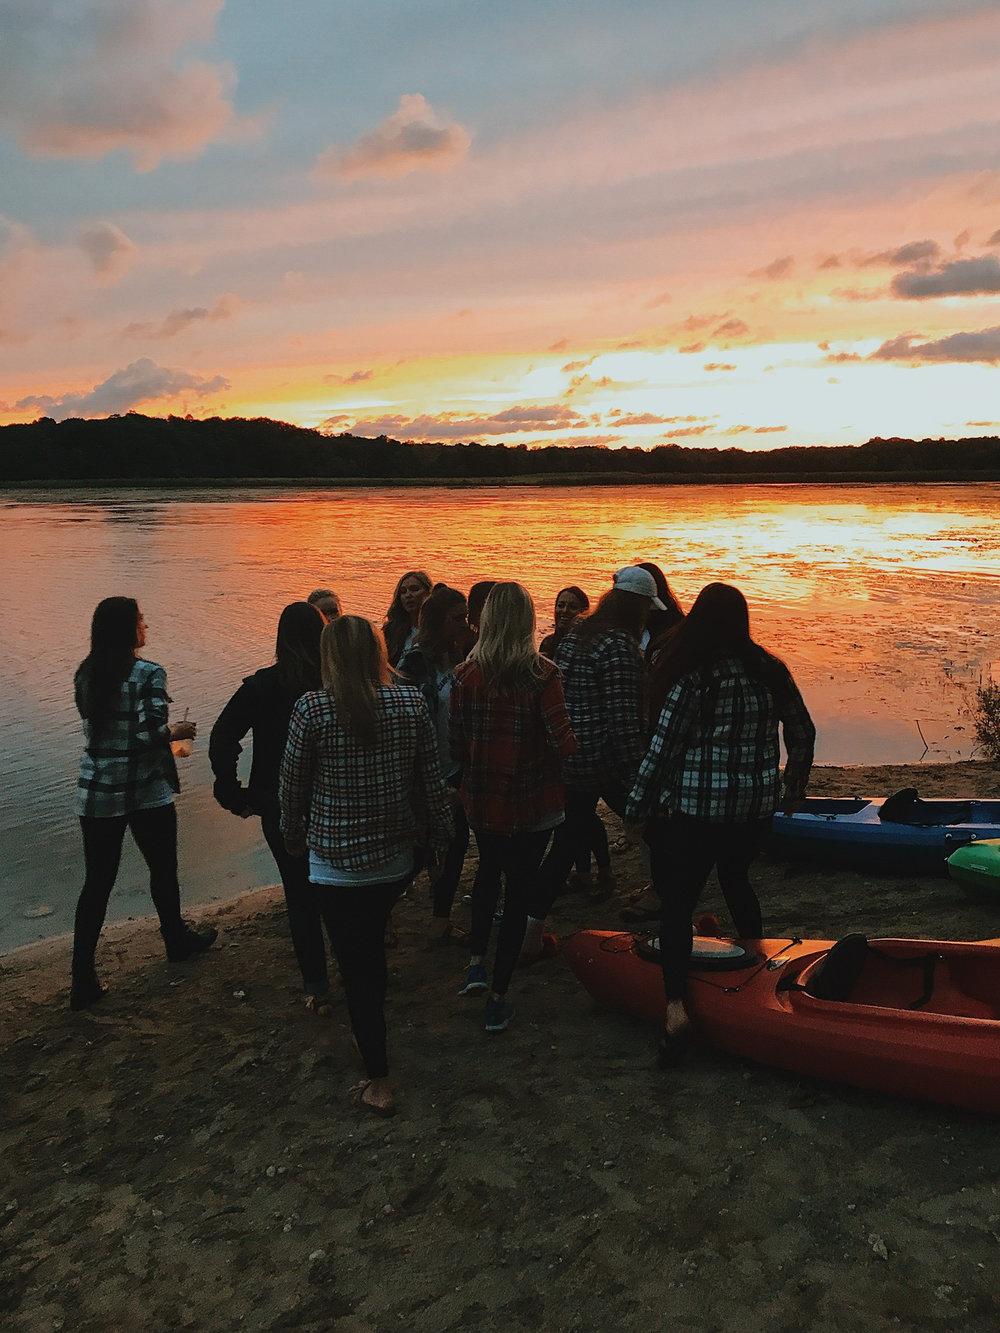 sunset_glamping_bachelorette_canoes_flannel.jpg